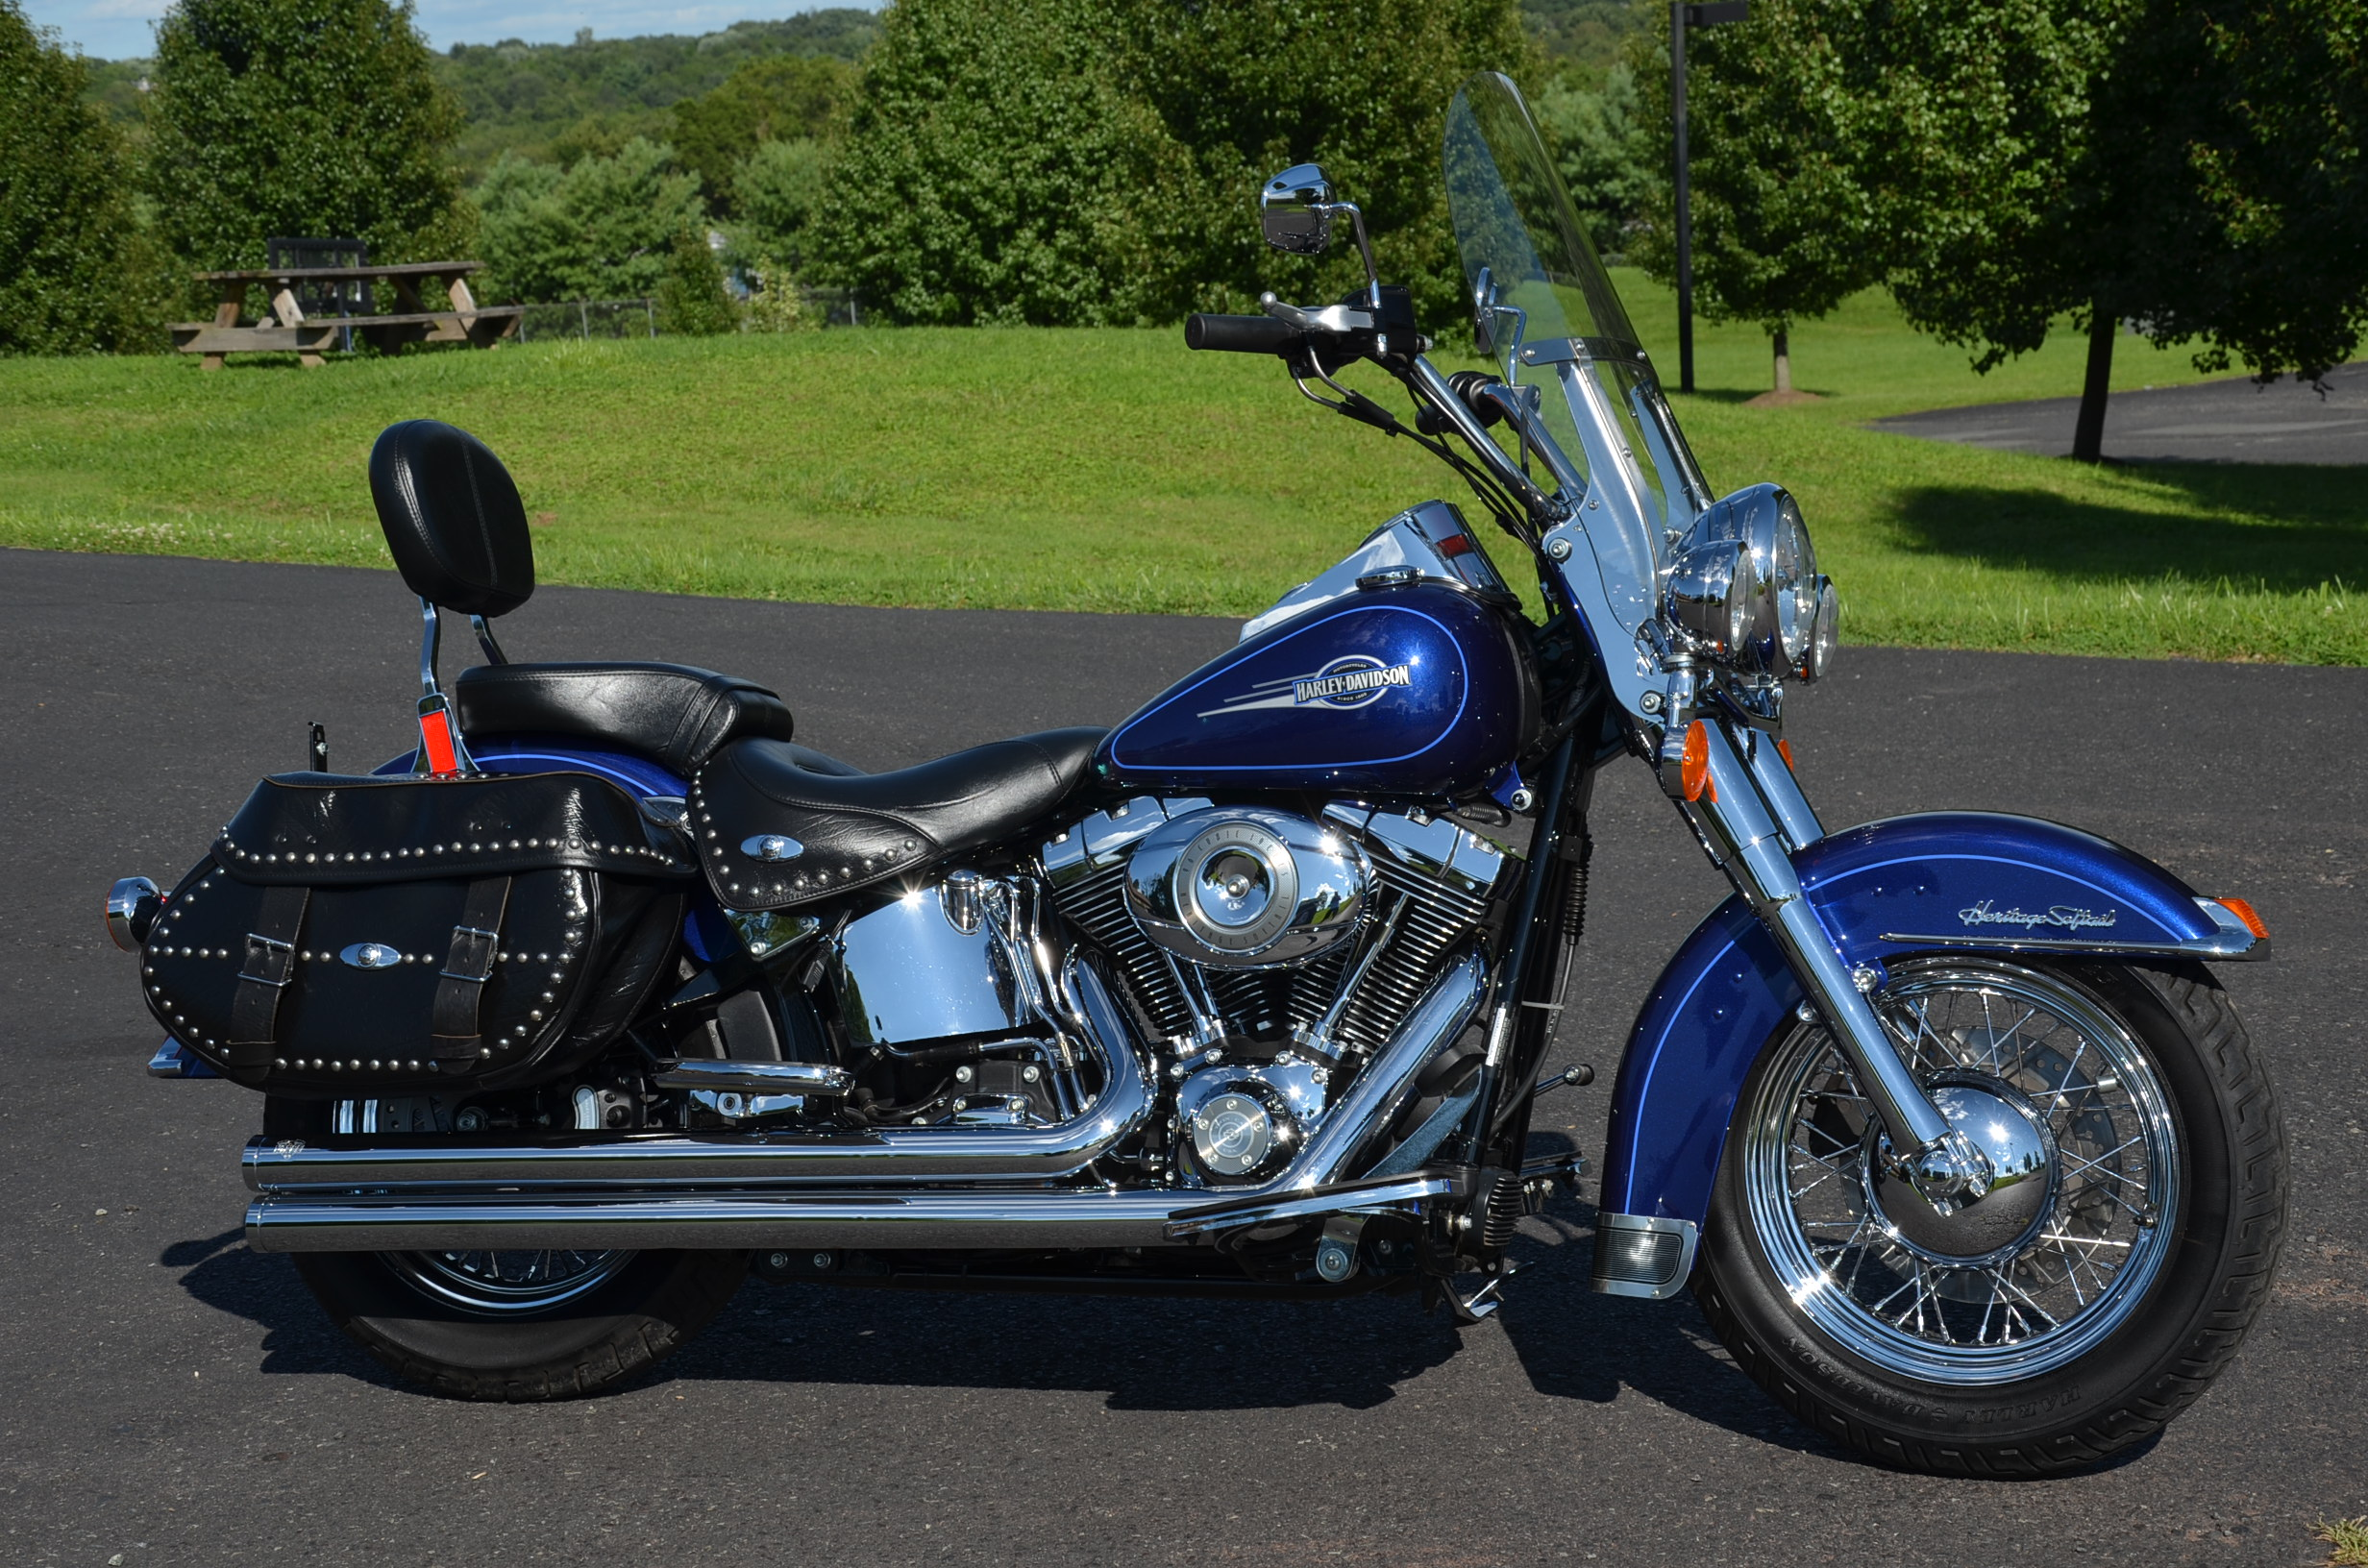 2007 blue harley davidson heritage softail for sale on 2040 motos. Black Bedroom Furniture Sets. Home Design Ideas